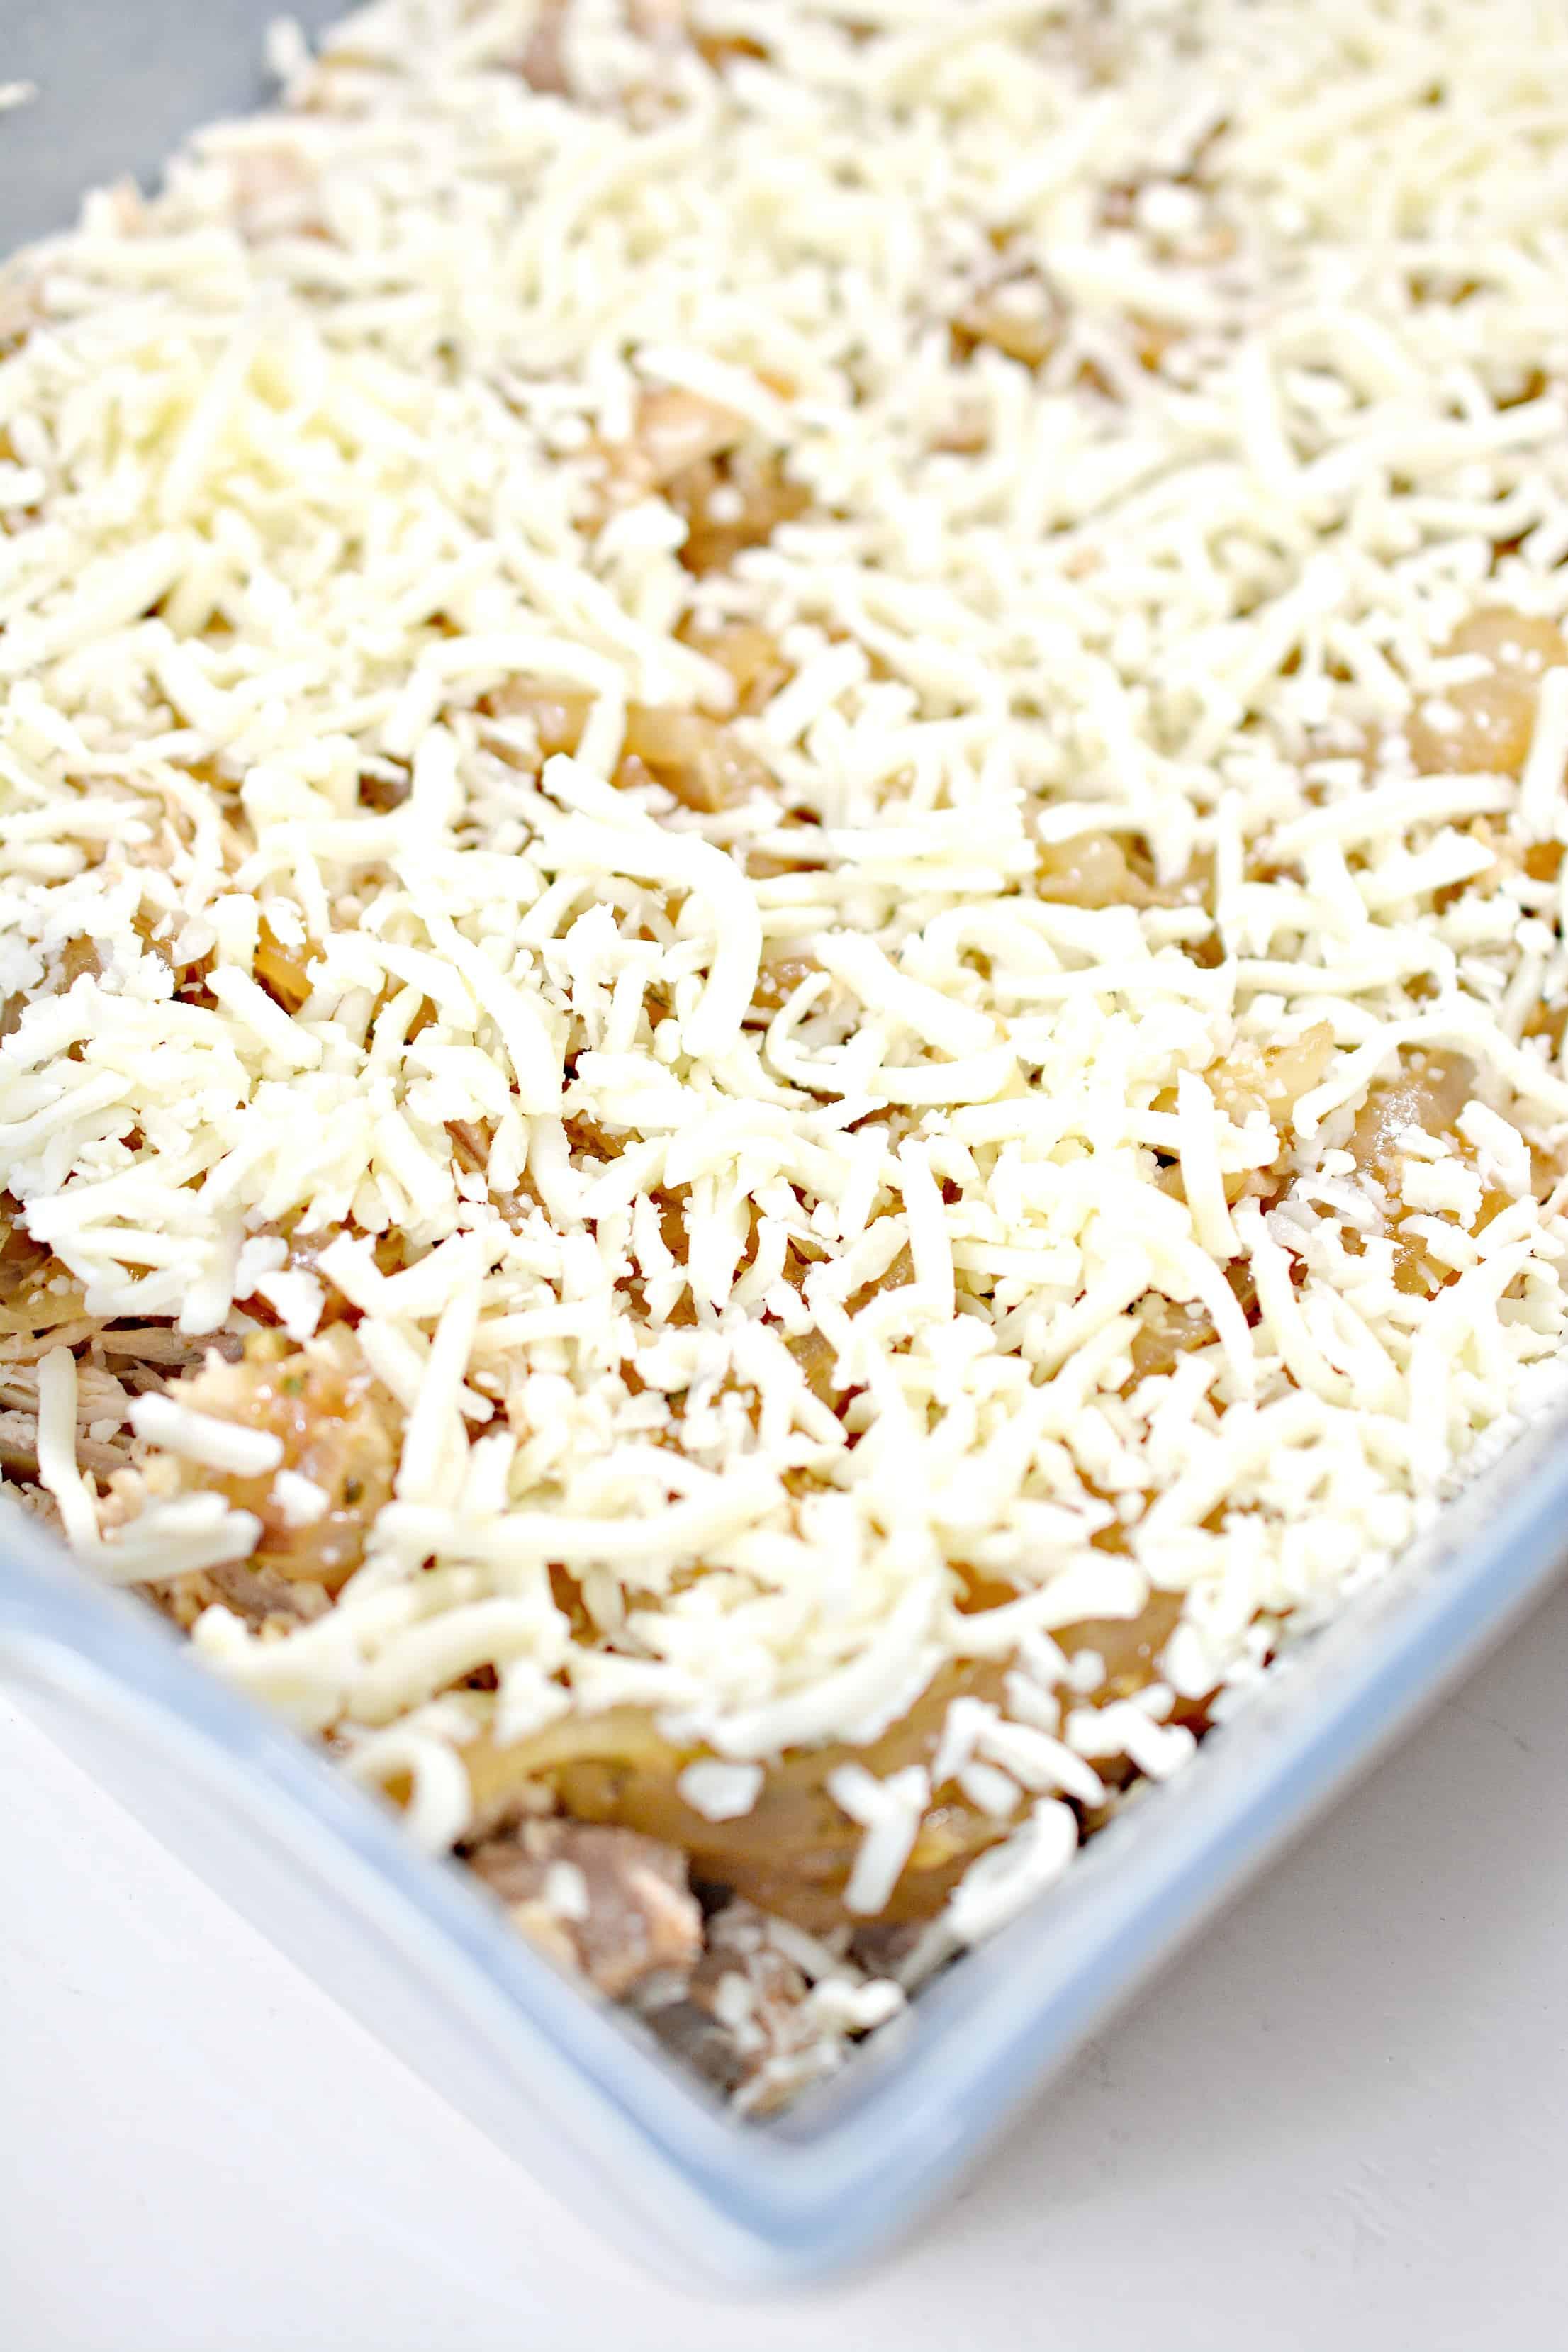 mozzarella on casserole